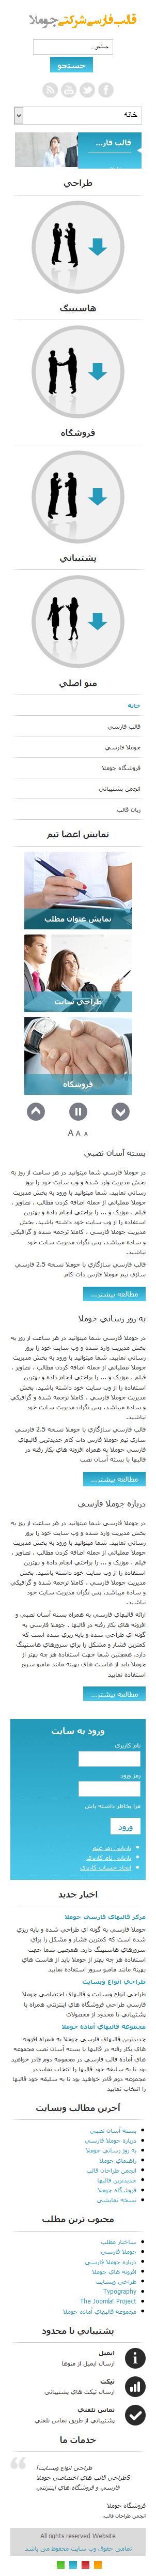 حالت موبایل سایت شرکتی تکنو